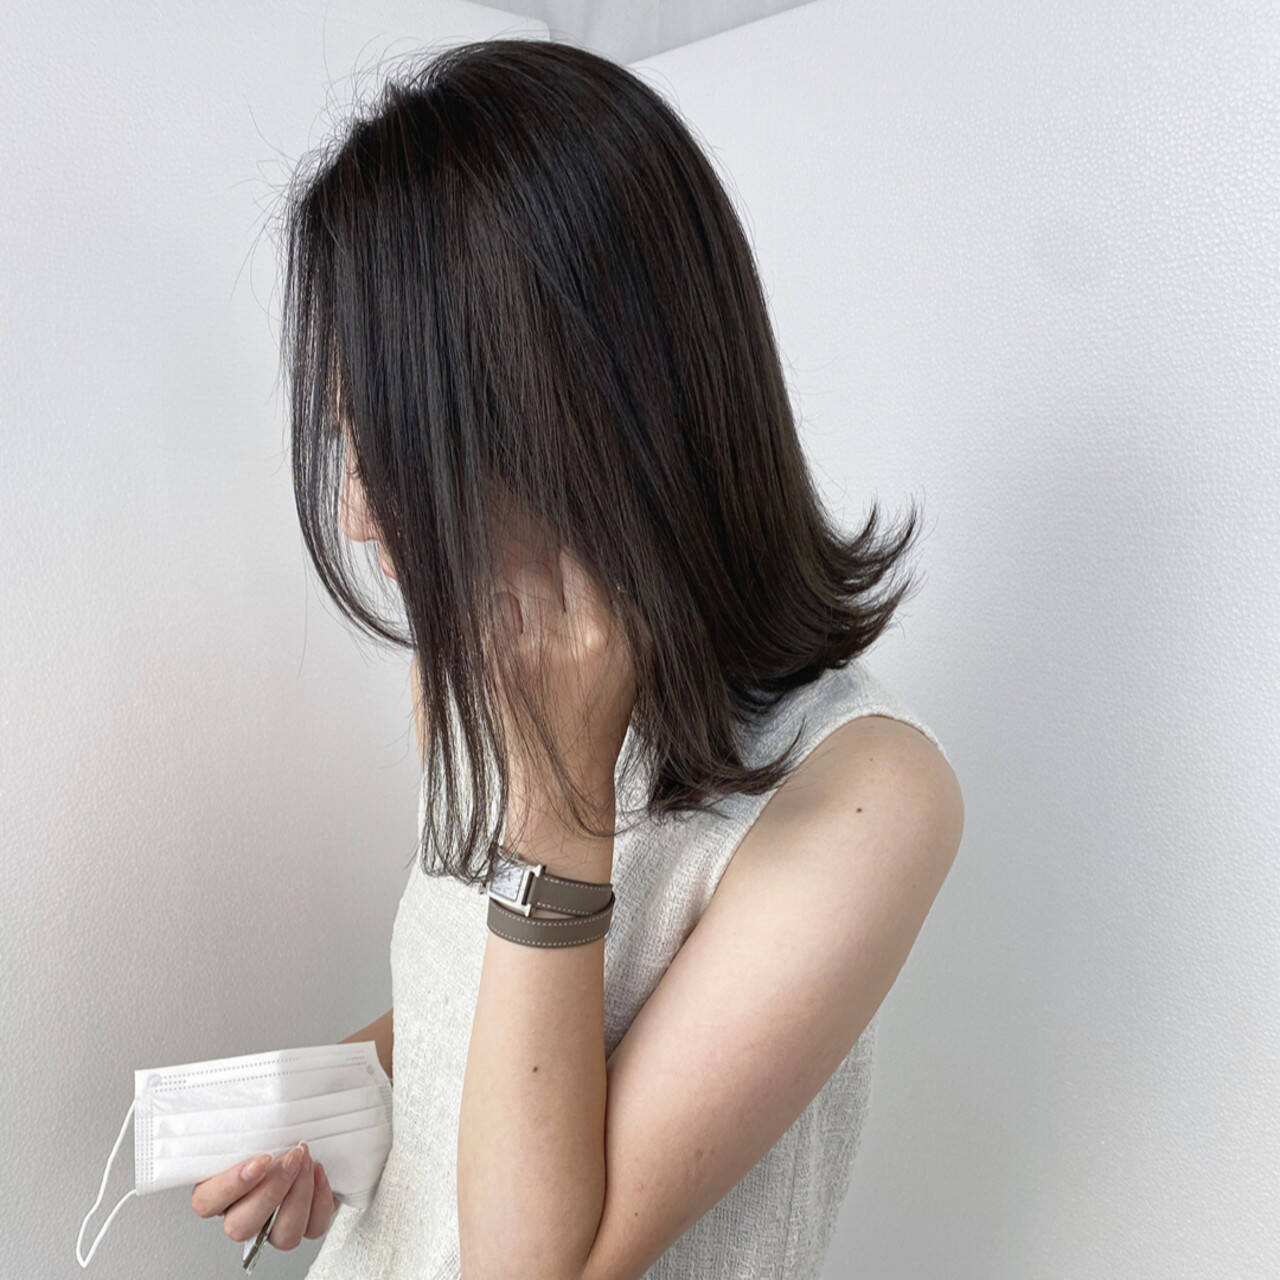 アッシュ ミディアム 切りっぱなしボブ 透明感カラーヘアスタイルや髪型の写真・画像